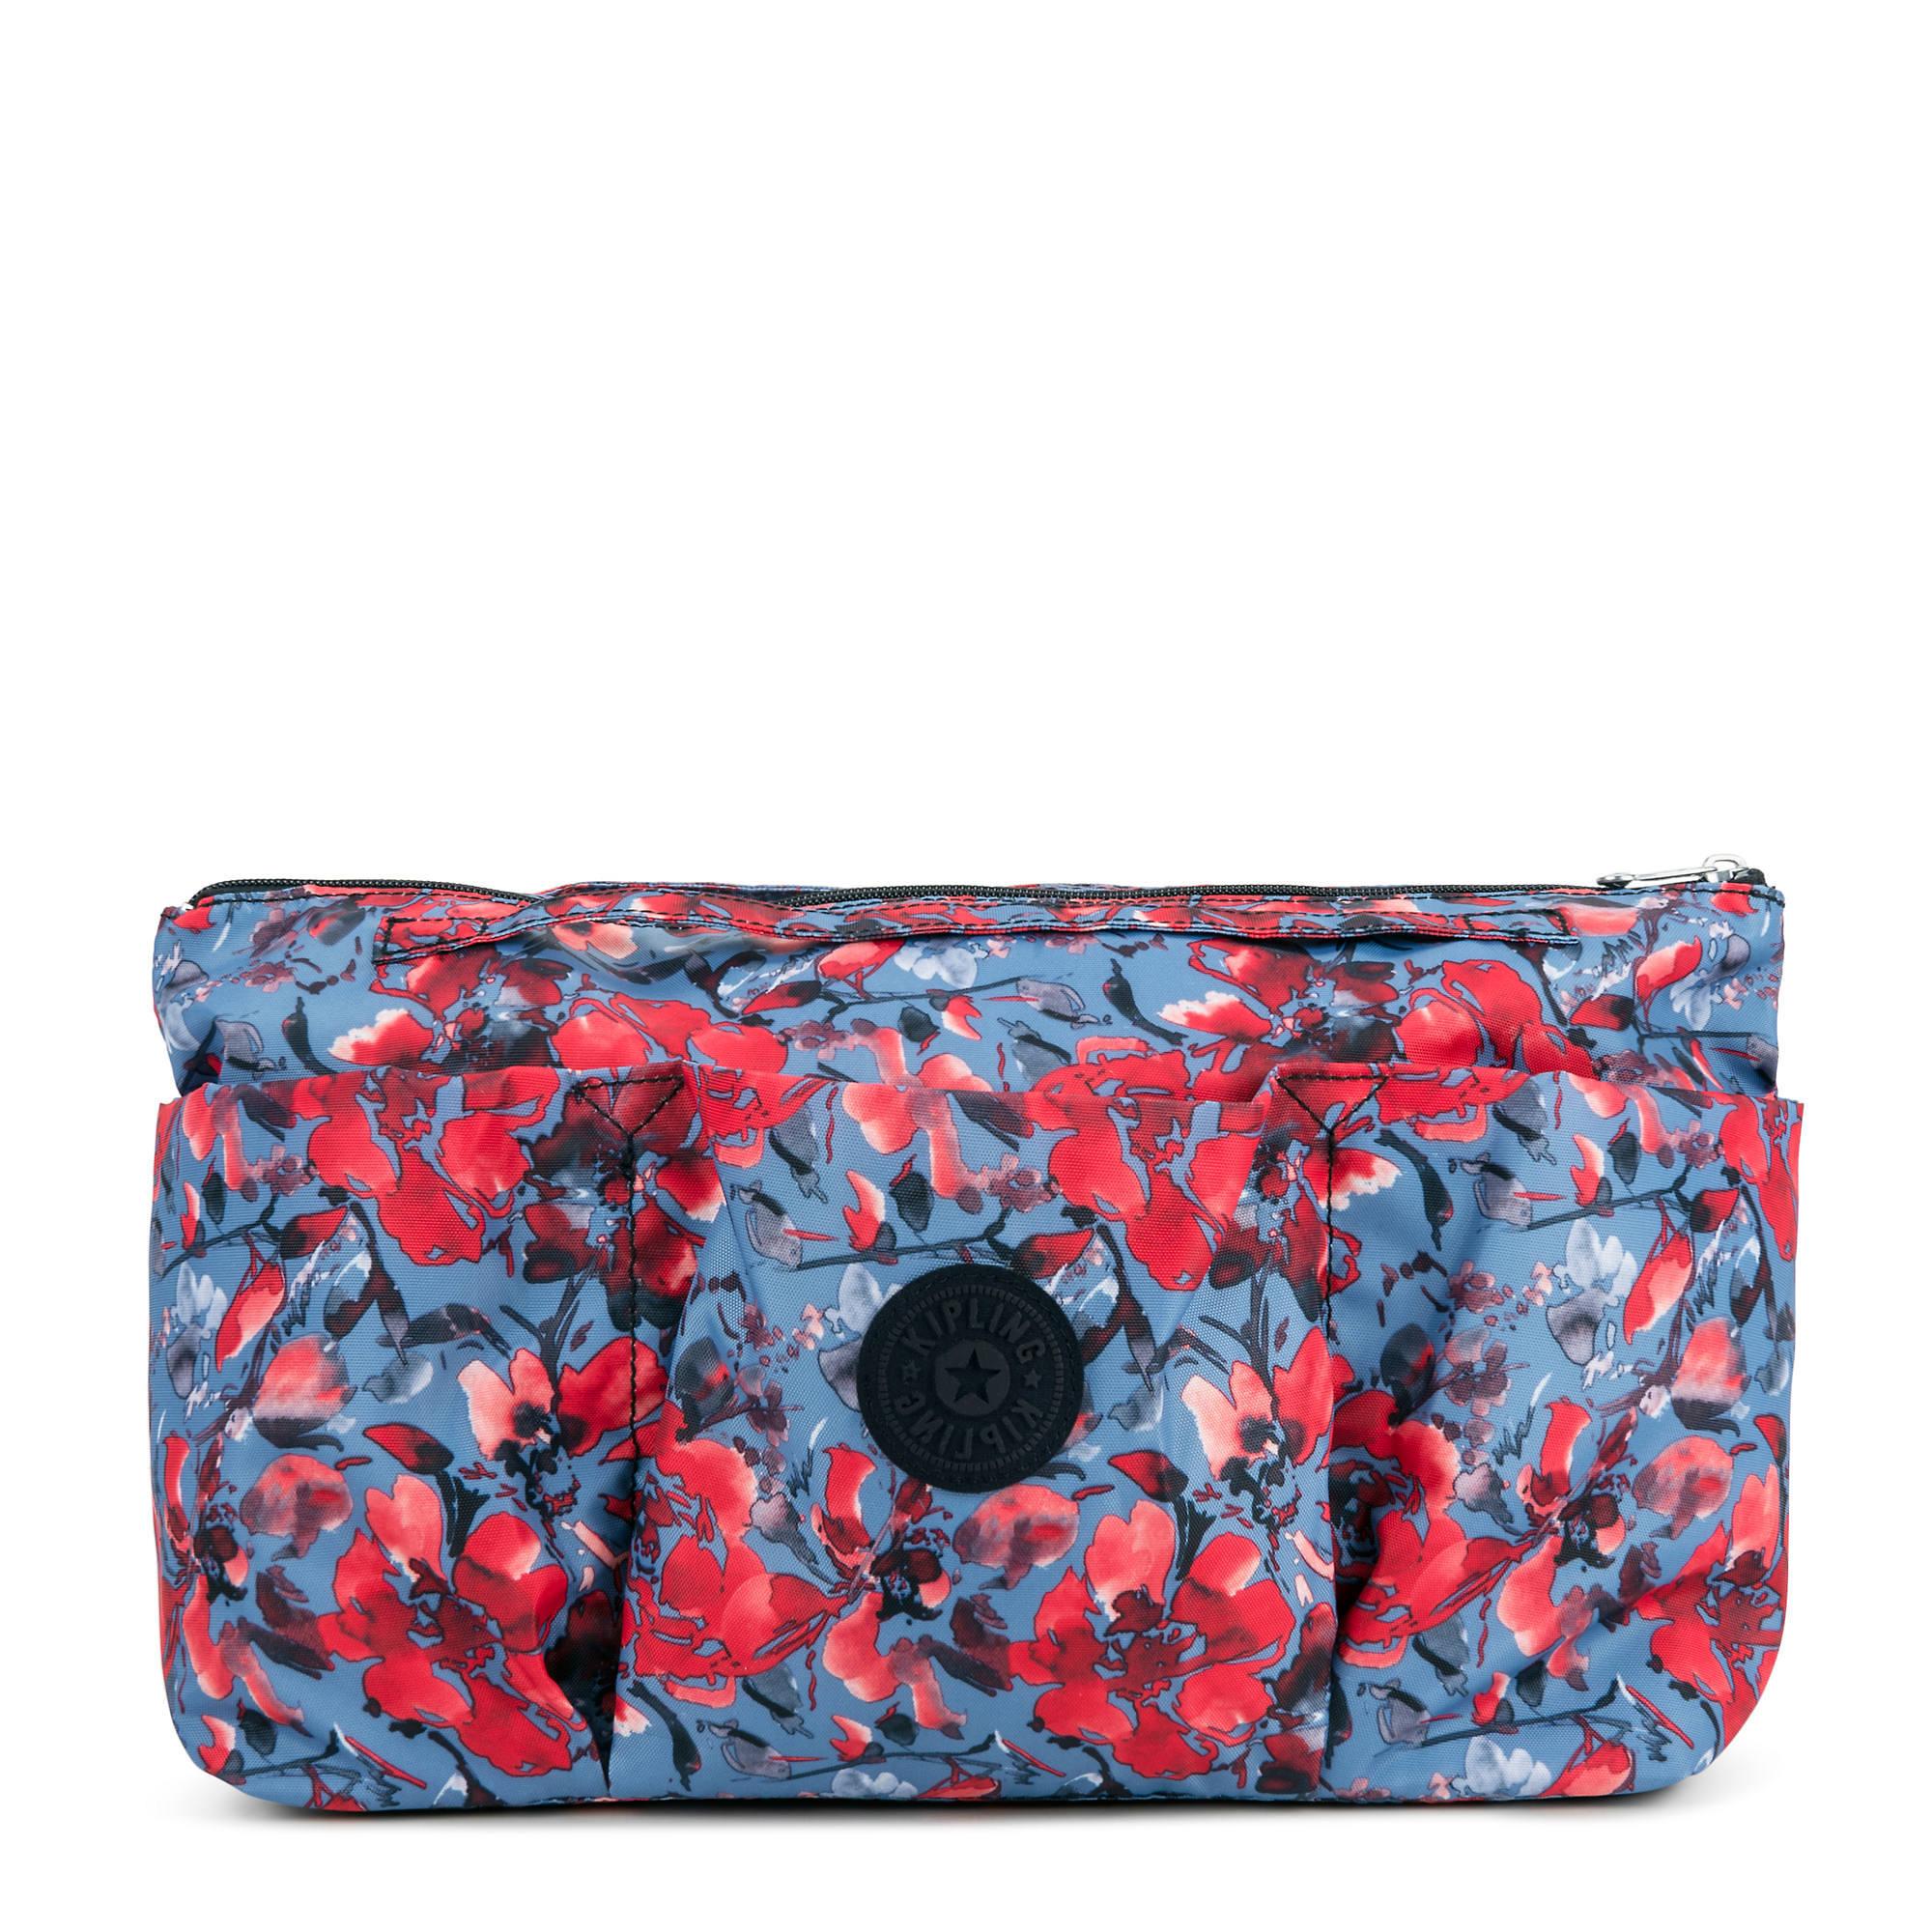 Beckett Printed Handbag Organizer  e689f3fb9e73b